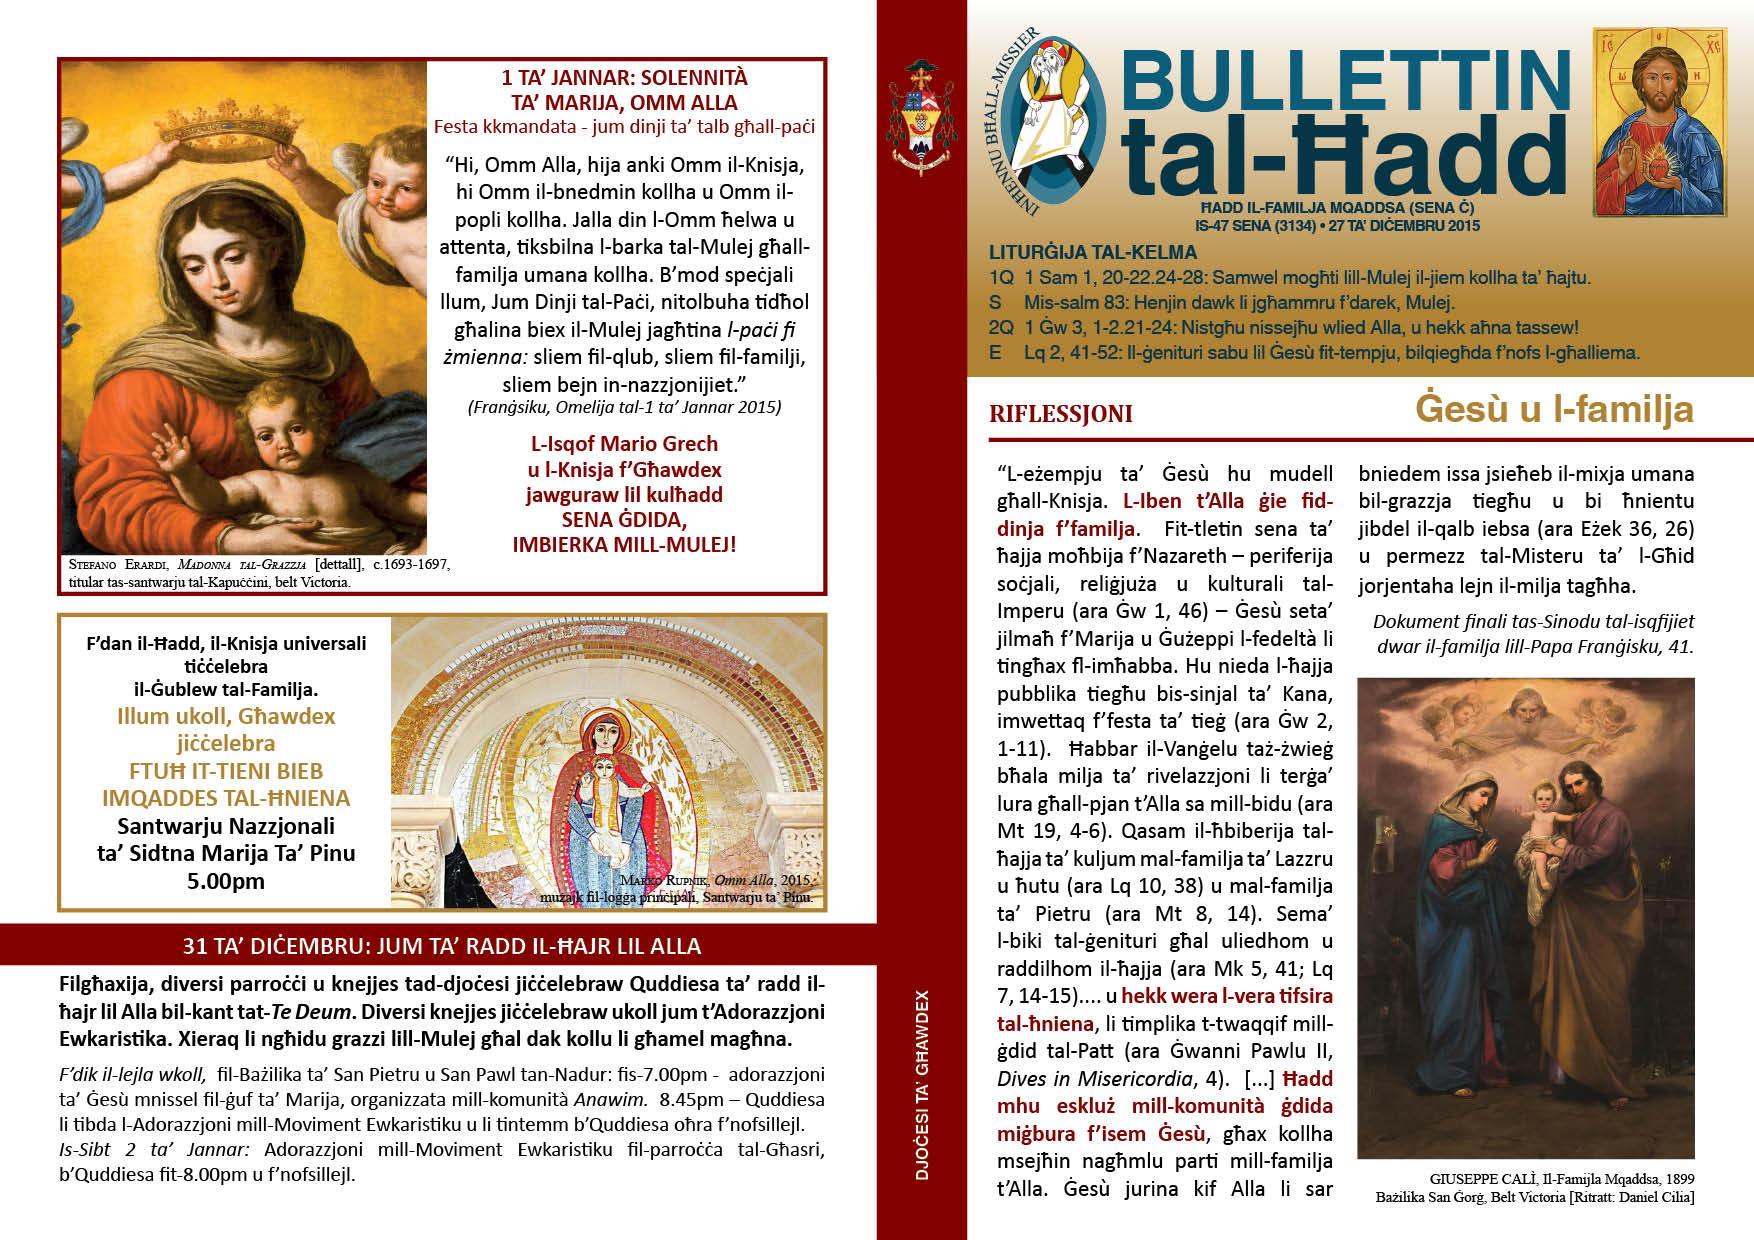 bullettin-2015-dicembru-27.jpg